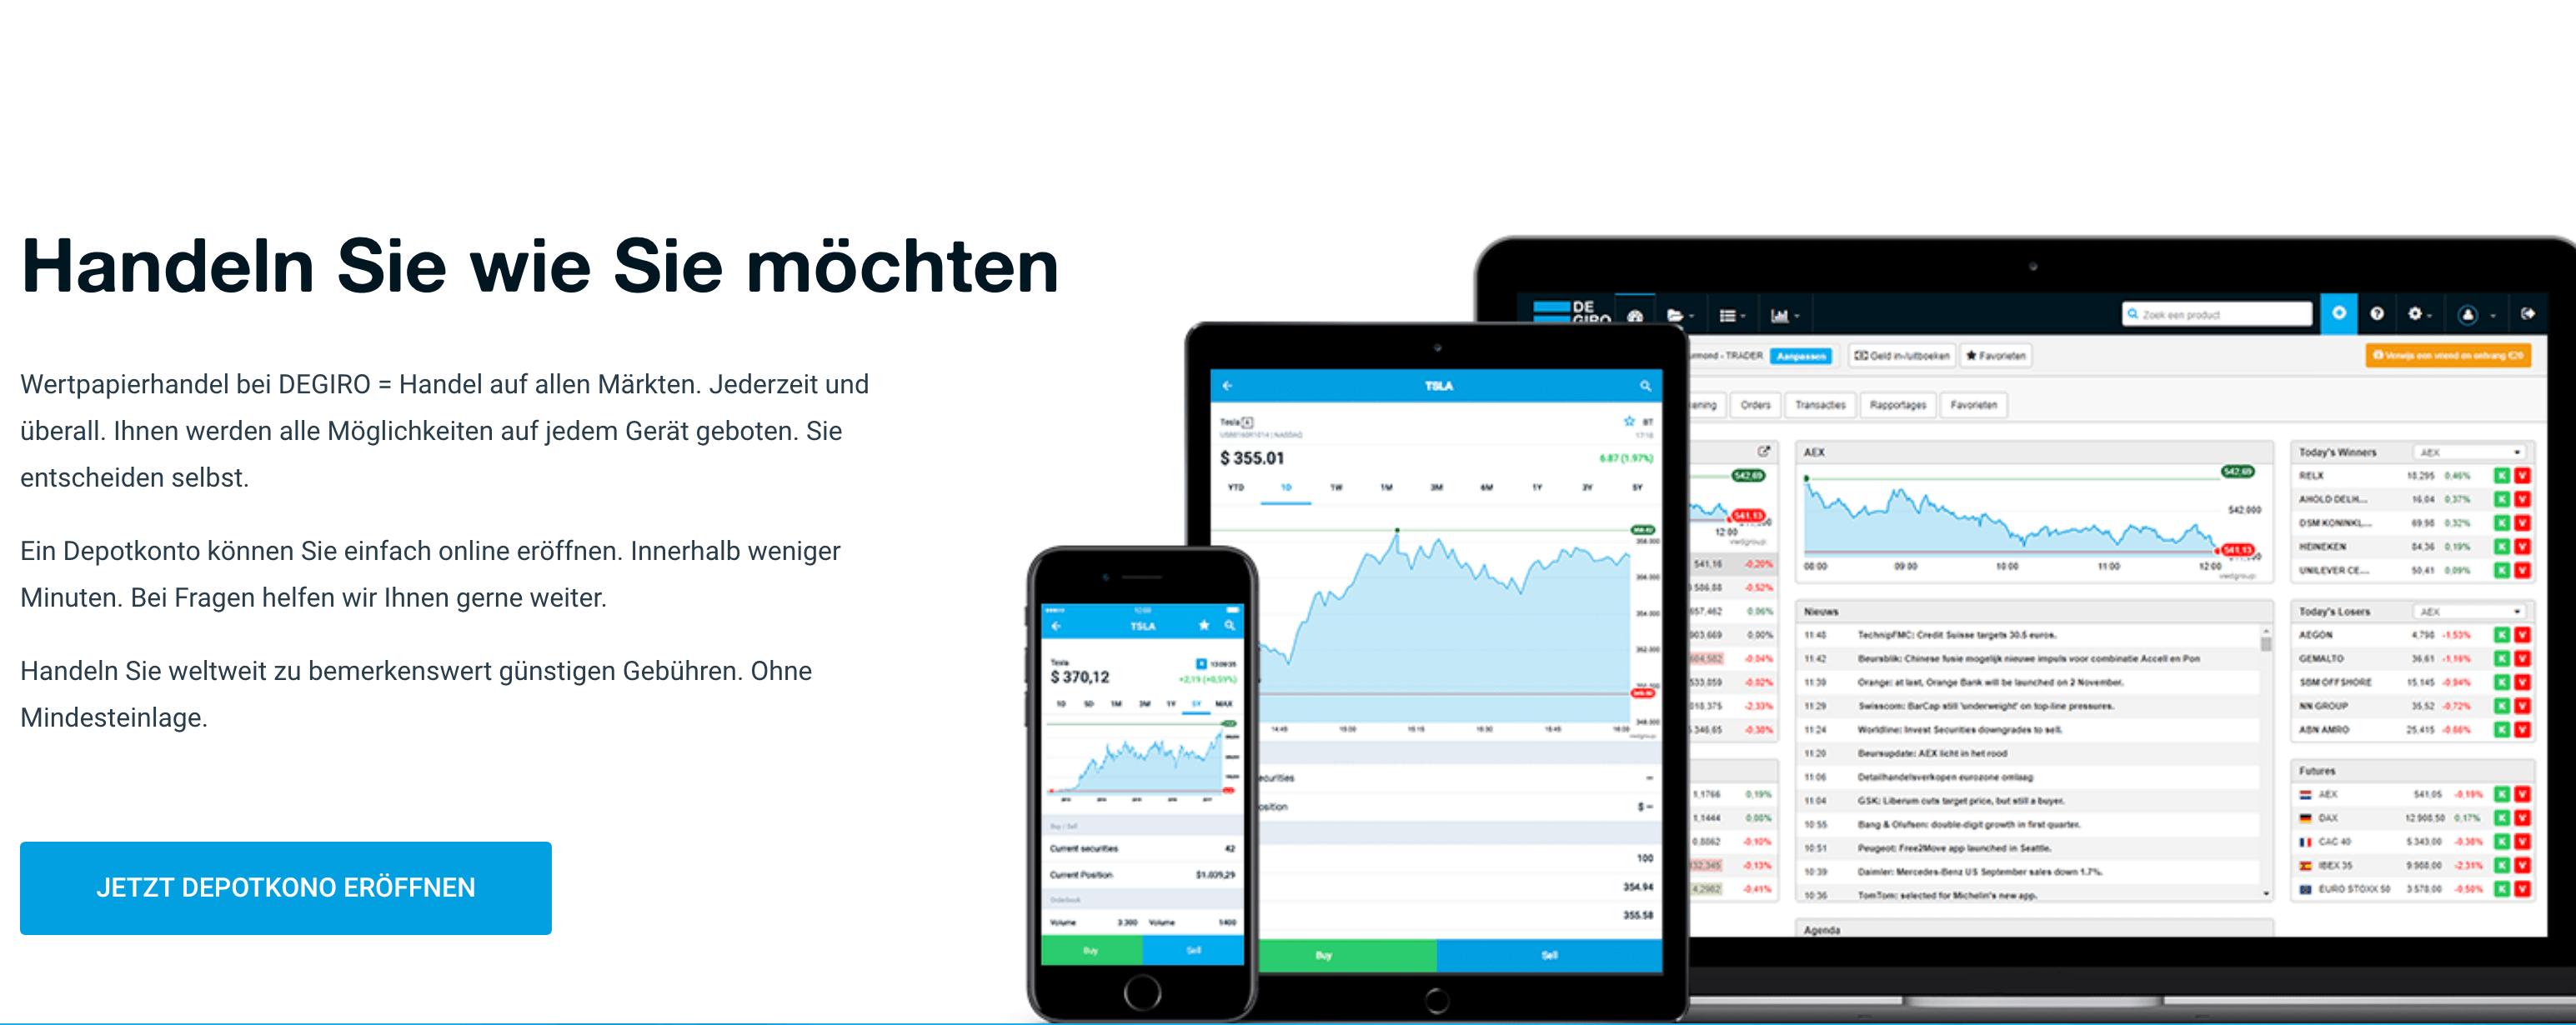 Sowohl das Demokonto, als auch das Trading-Konto, können Anleger von ihren mobilen Endgeräten aus steuern